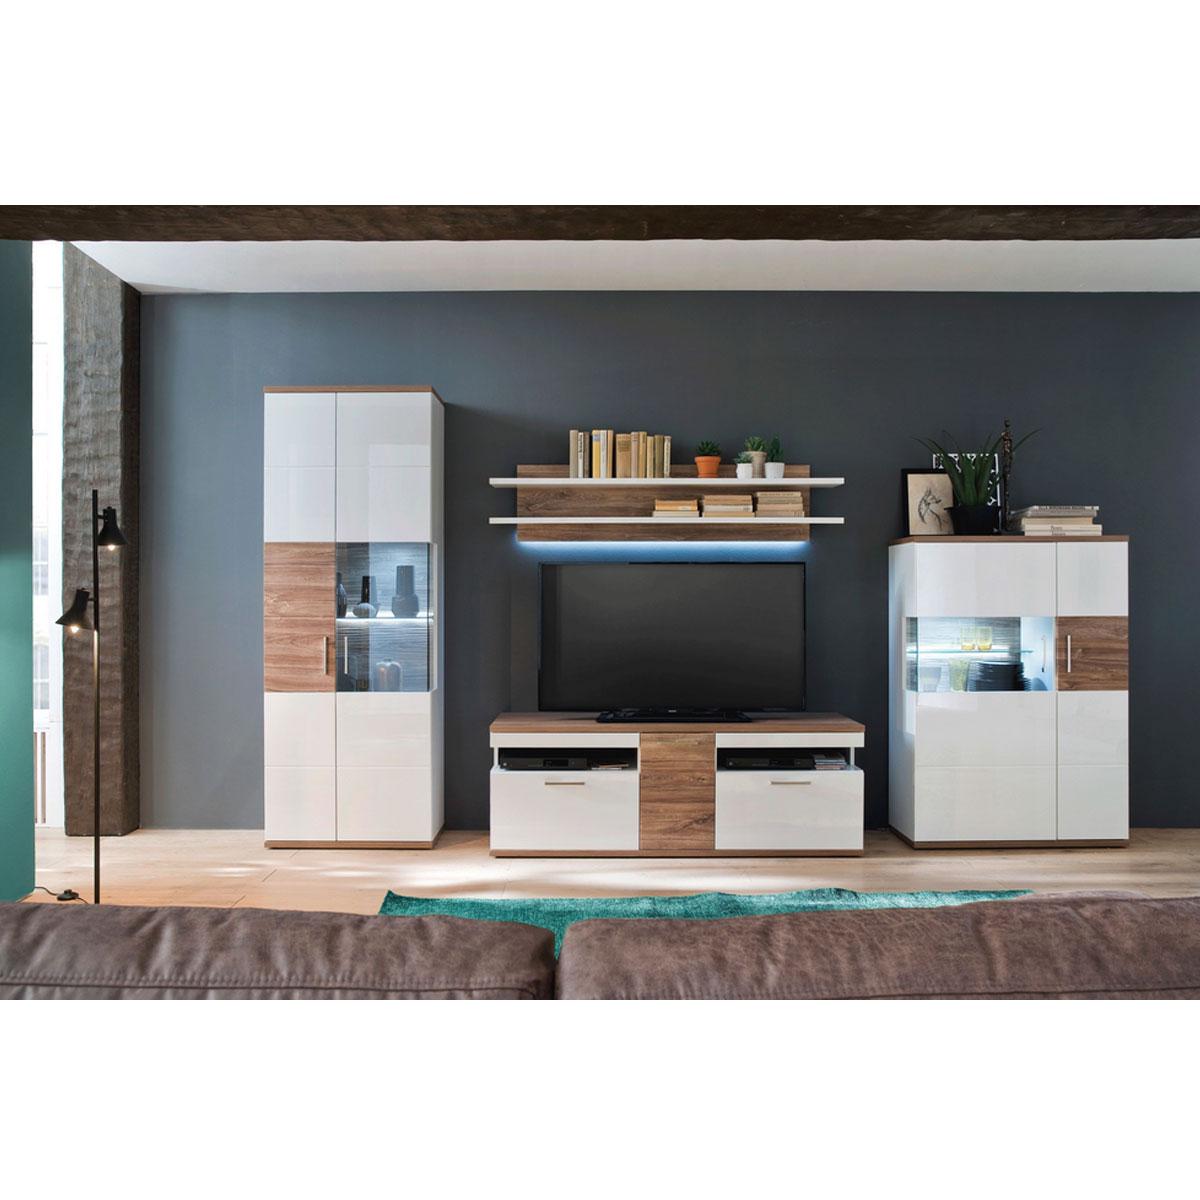 Mca Furniture Luzern Luz93w01 Wohnkombination 1 Fur Ihr Wohnzimmer 4 Teilige Wohnwand Hochglanz Weiss Tiefzieh Nachbildung Mit Absetzung Sterling Oak